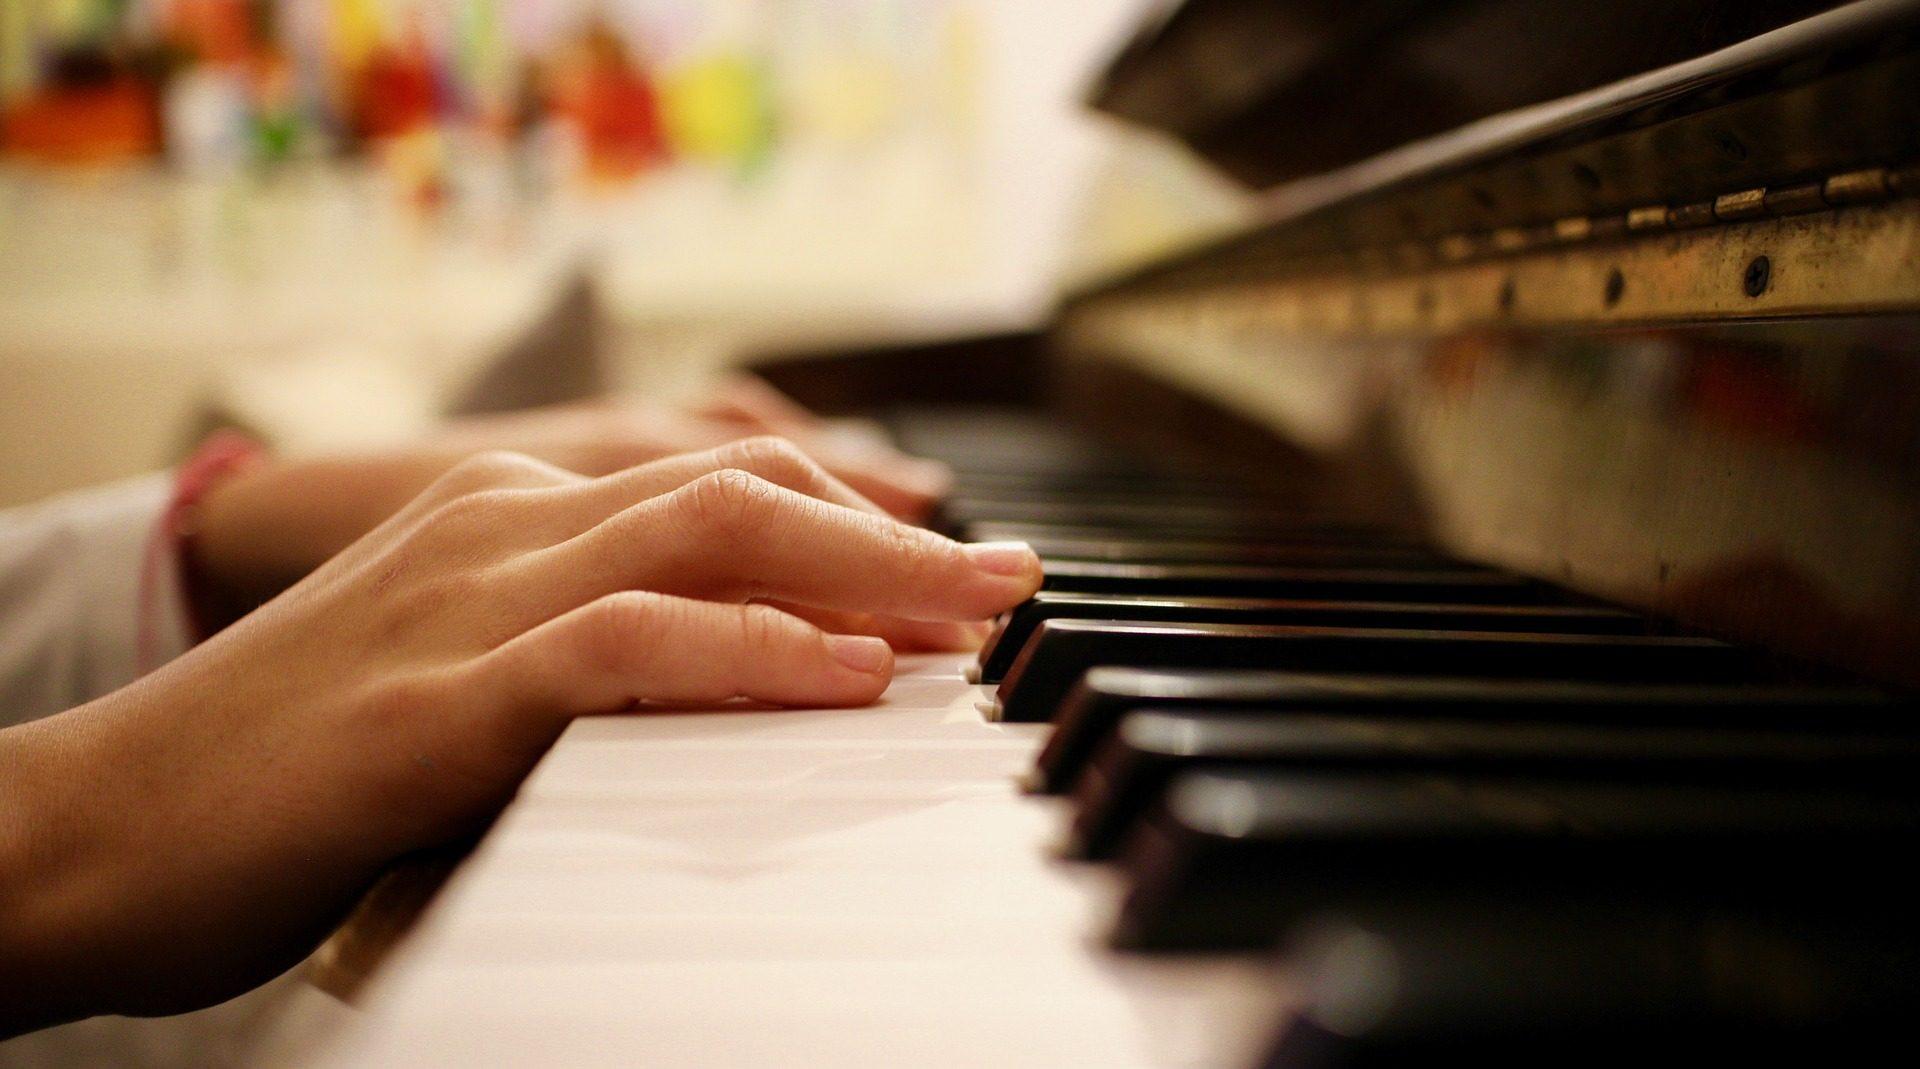 Klavier, Hände, Schlüssel, Notizen, Tastatur - Wallpaper HD - Prof.-falken.com